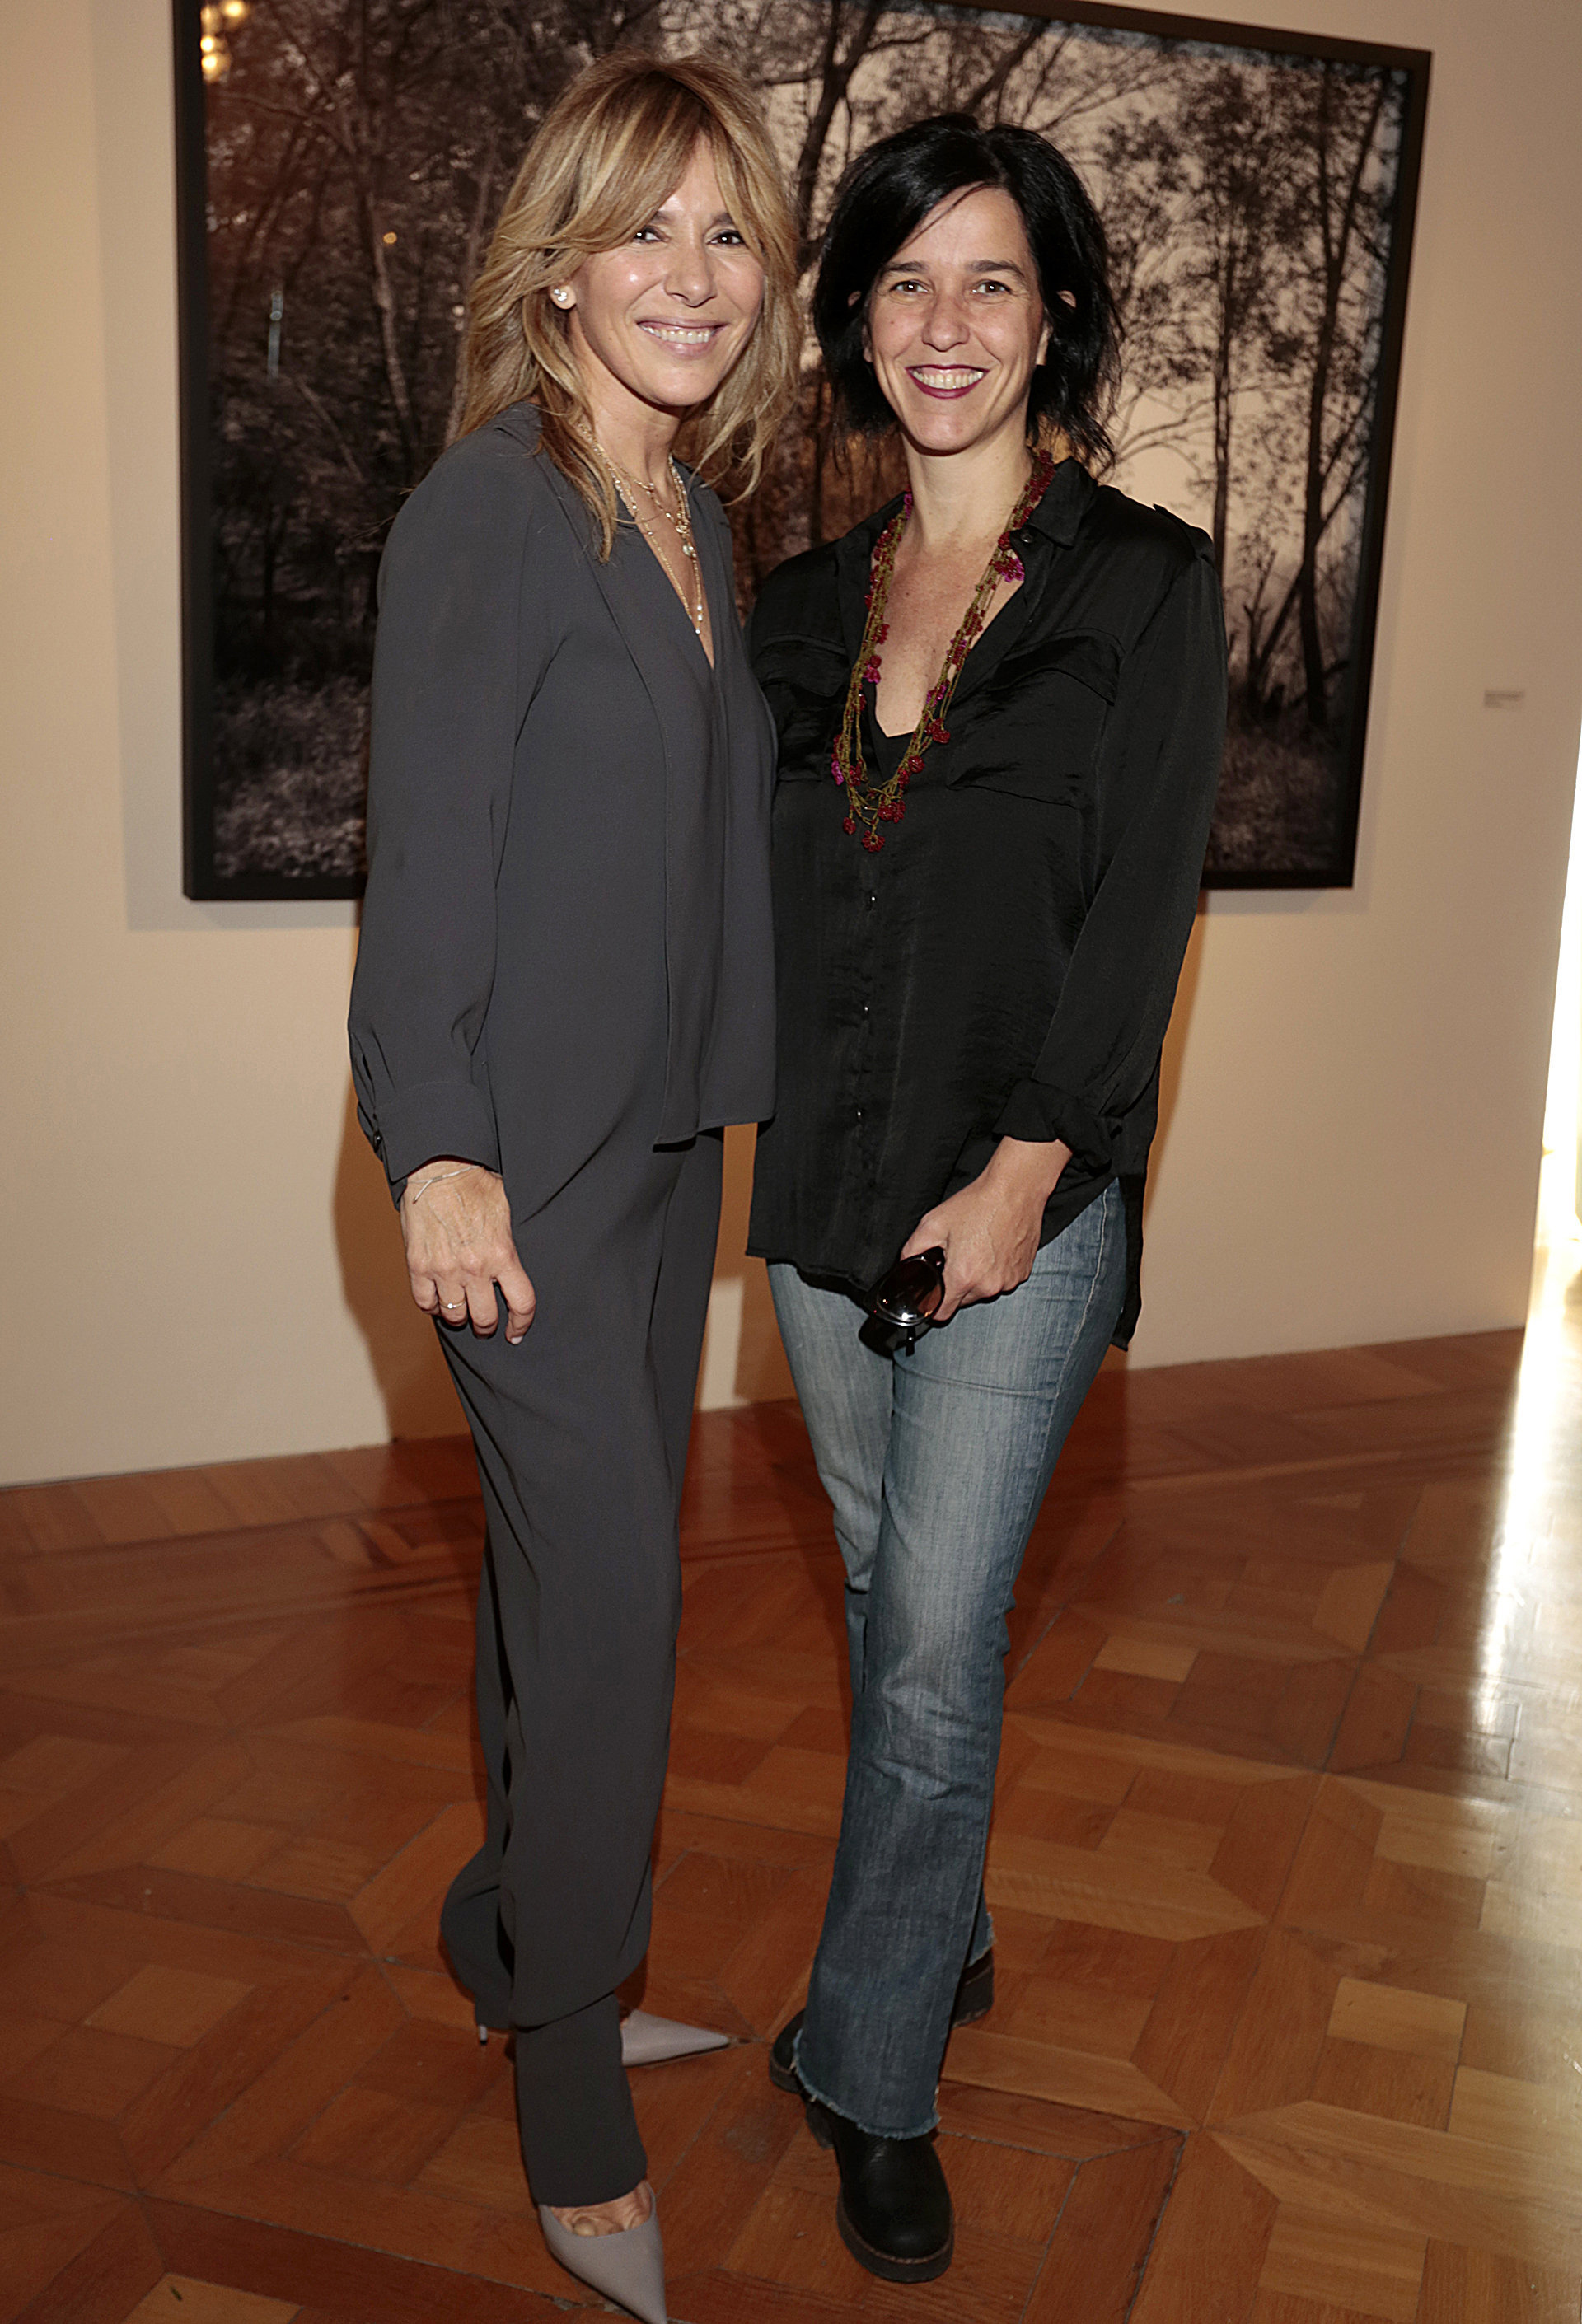 Grace Ratto y Julieta Escardo, editora fotográfica del libro presentado que reúne la muestra completa